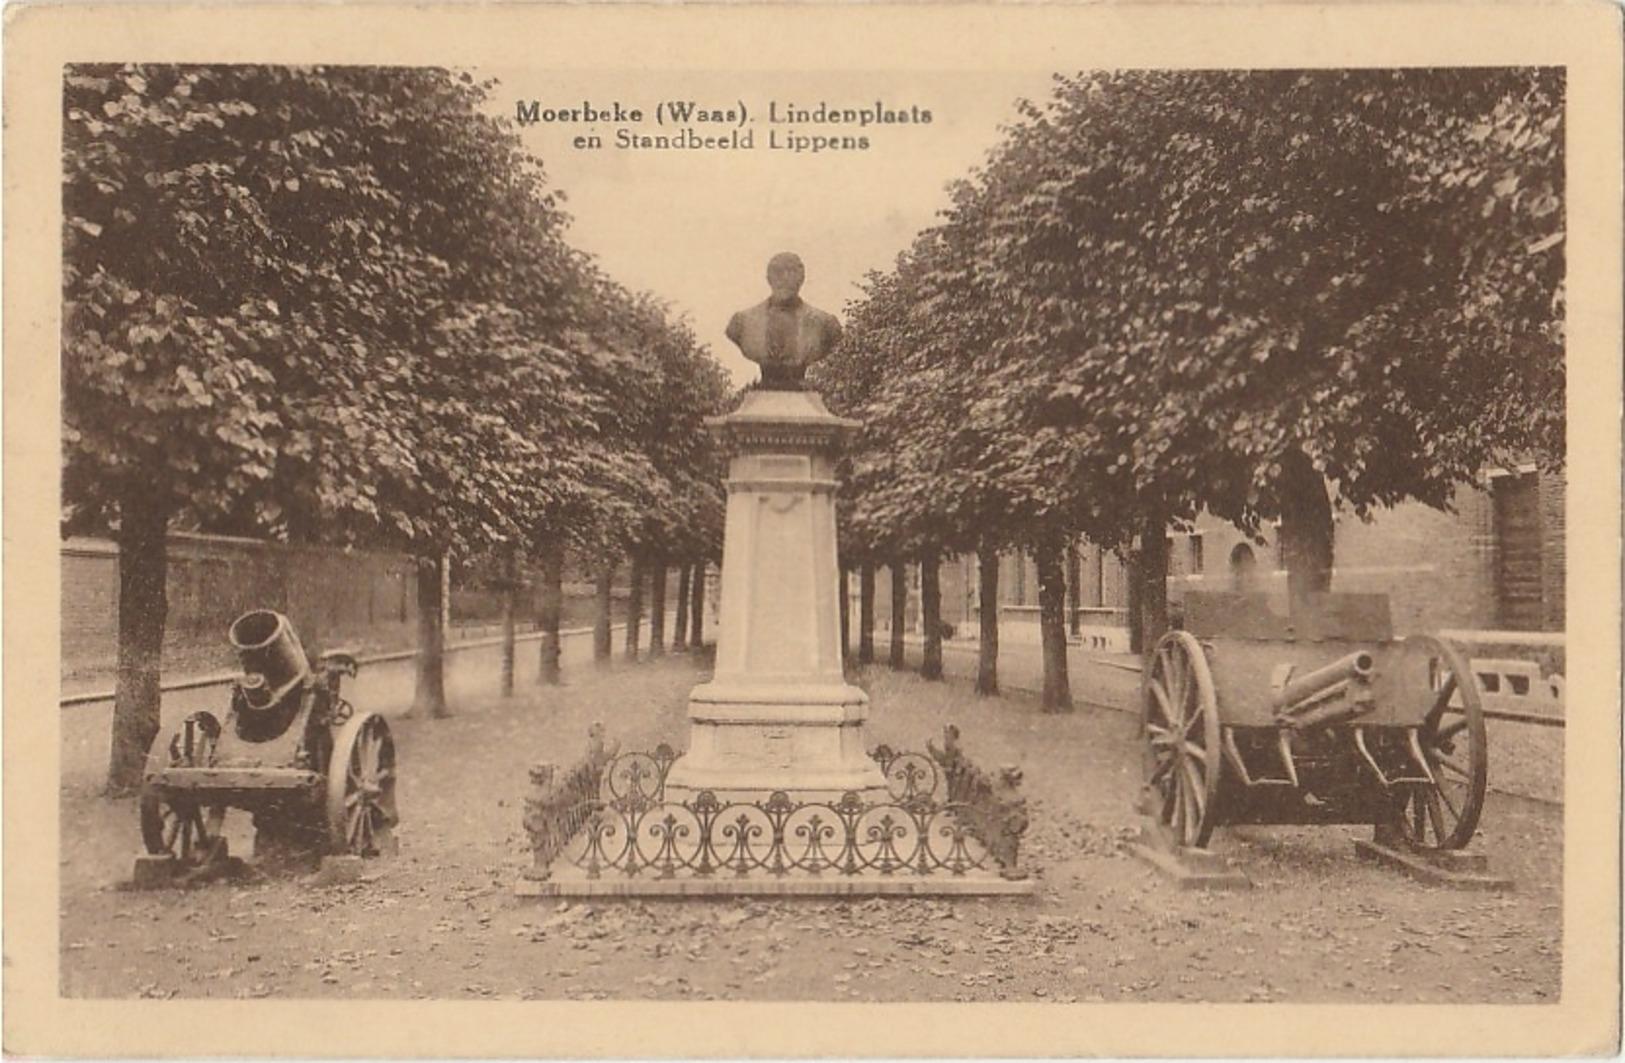 MOERBEKE WAAS Lindenplaats En Standbeeld Lippens - Moerbeke-Waas